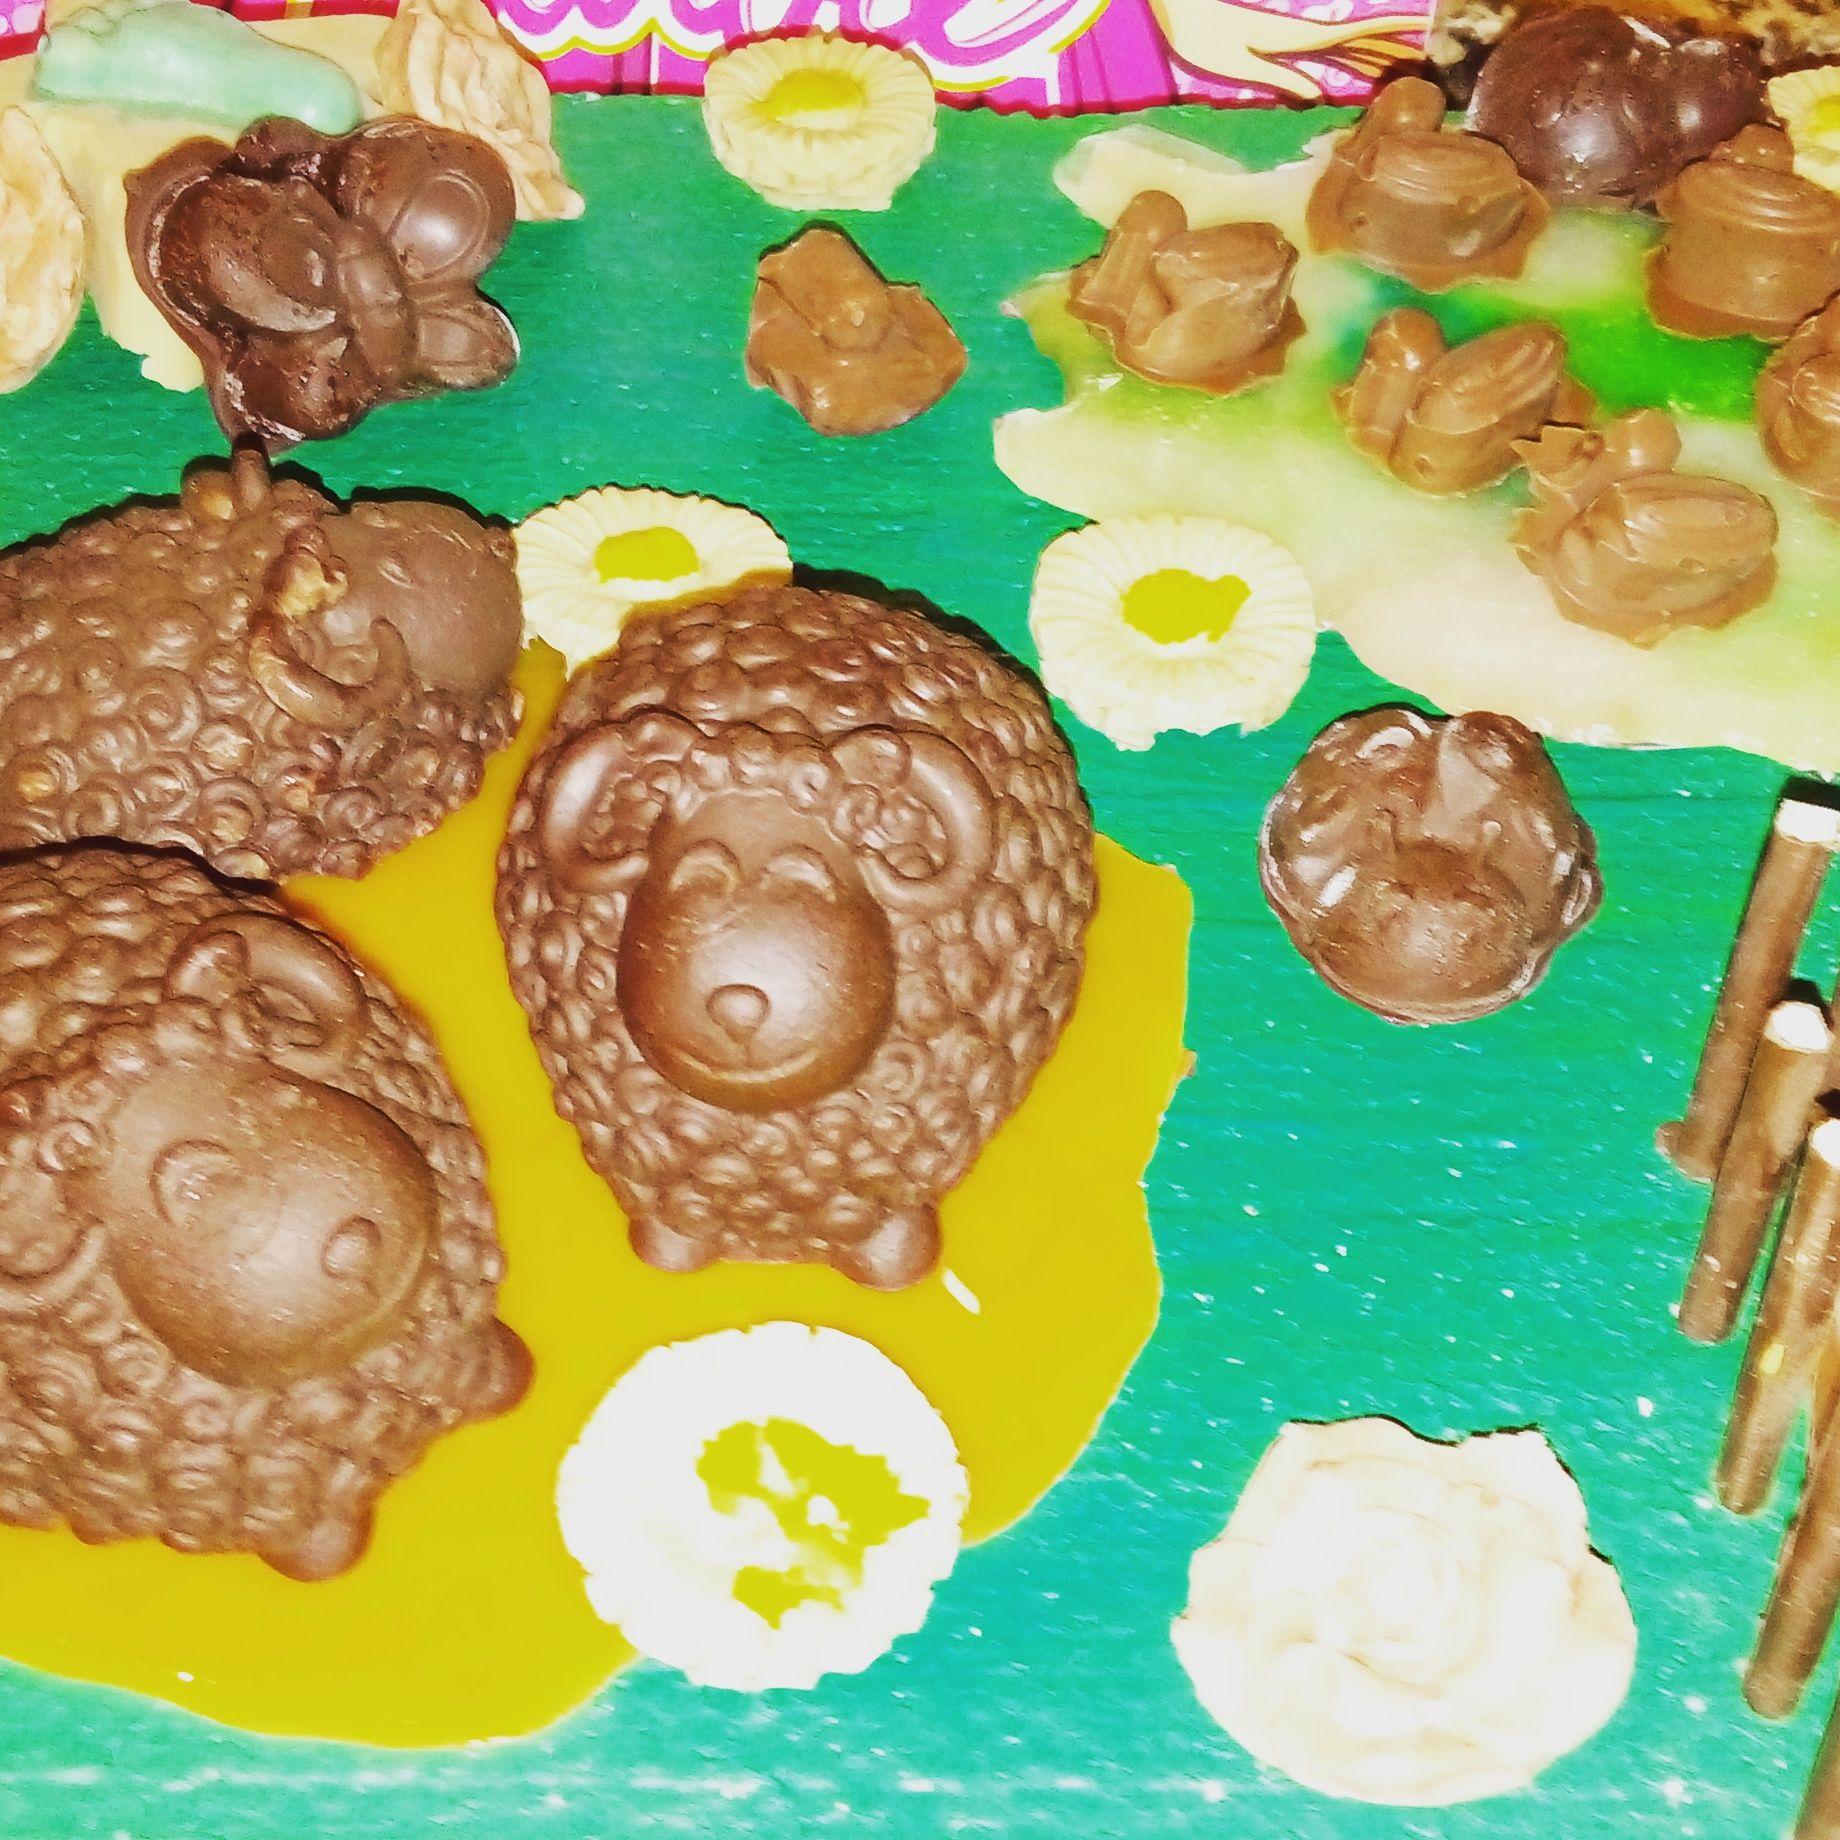 una original tarta de chocolate con formas de animales de granja. Unos bombones deliciosos